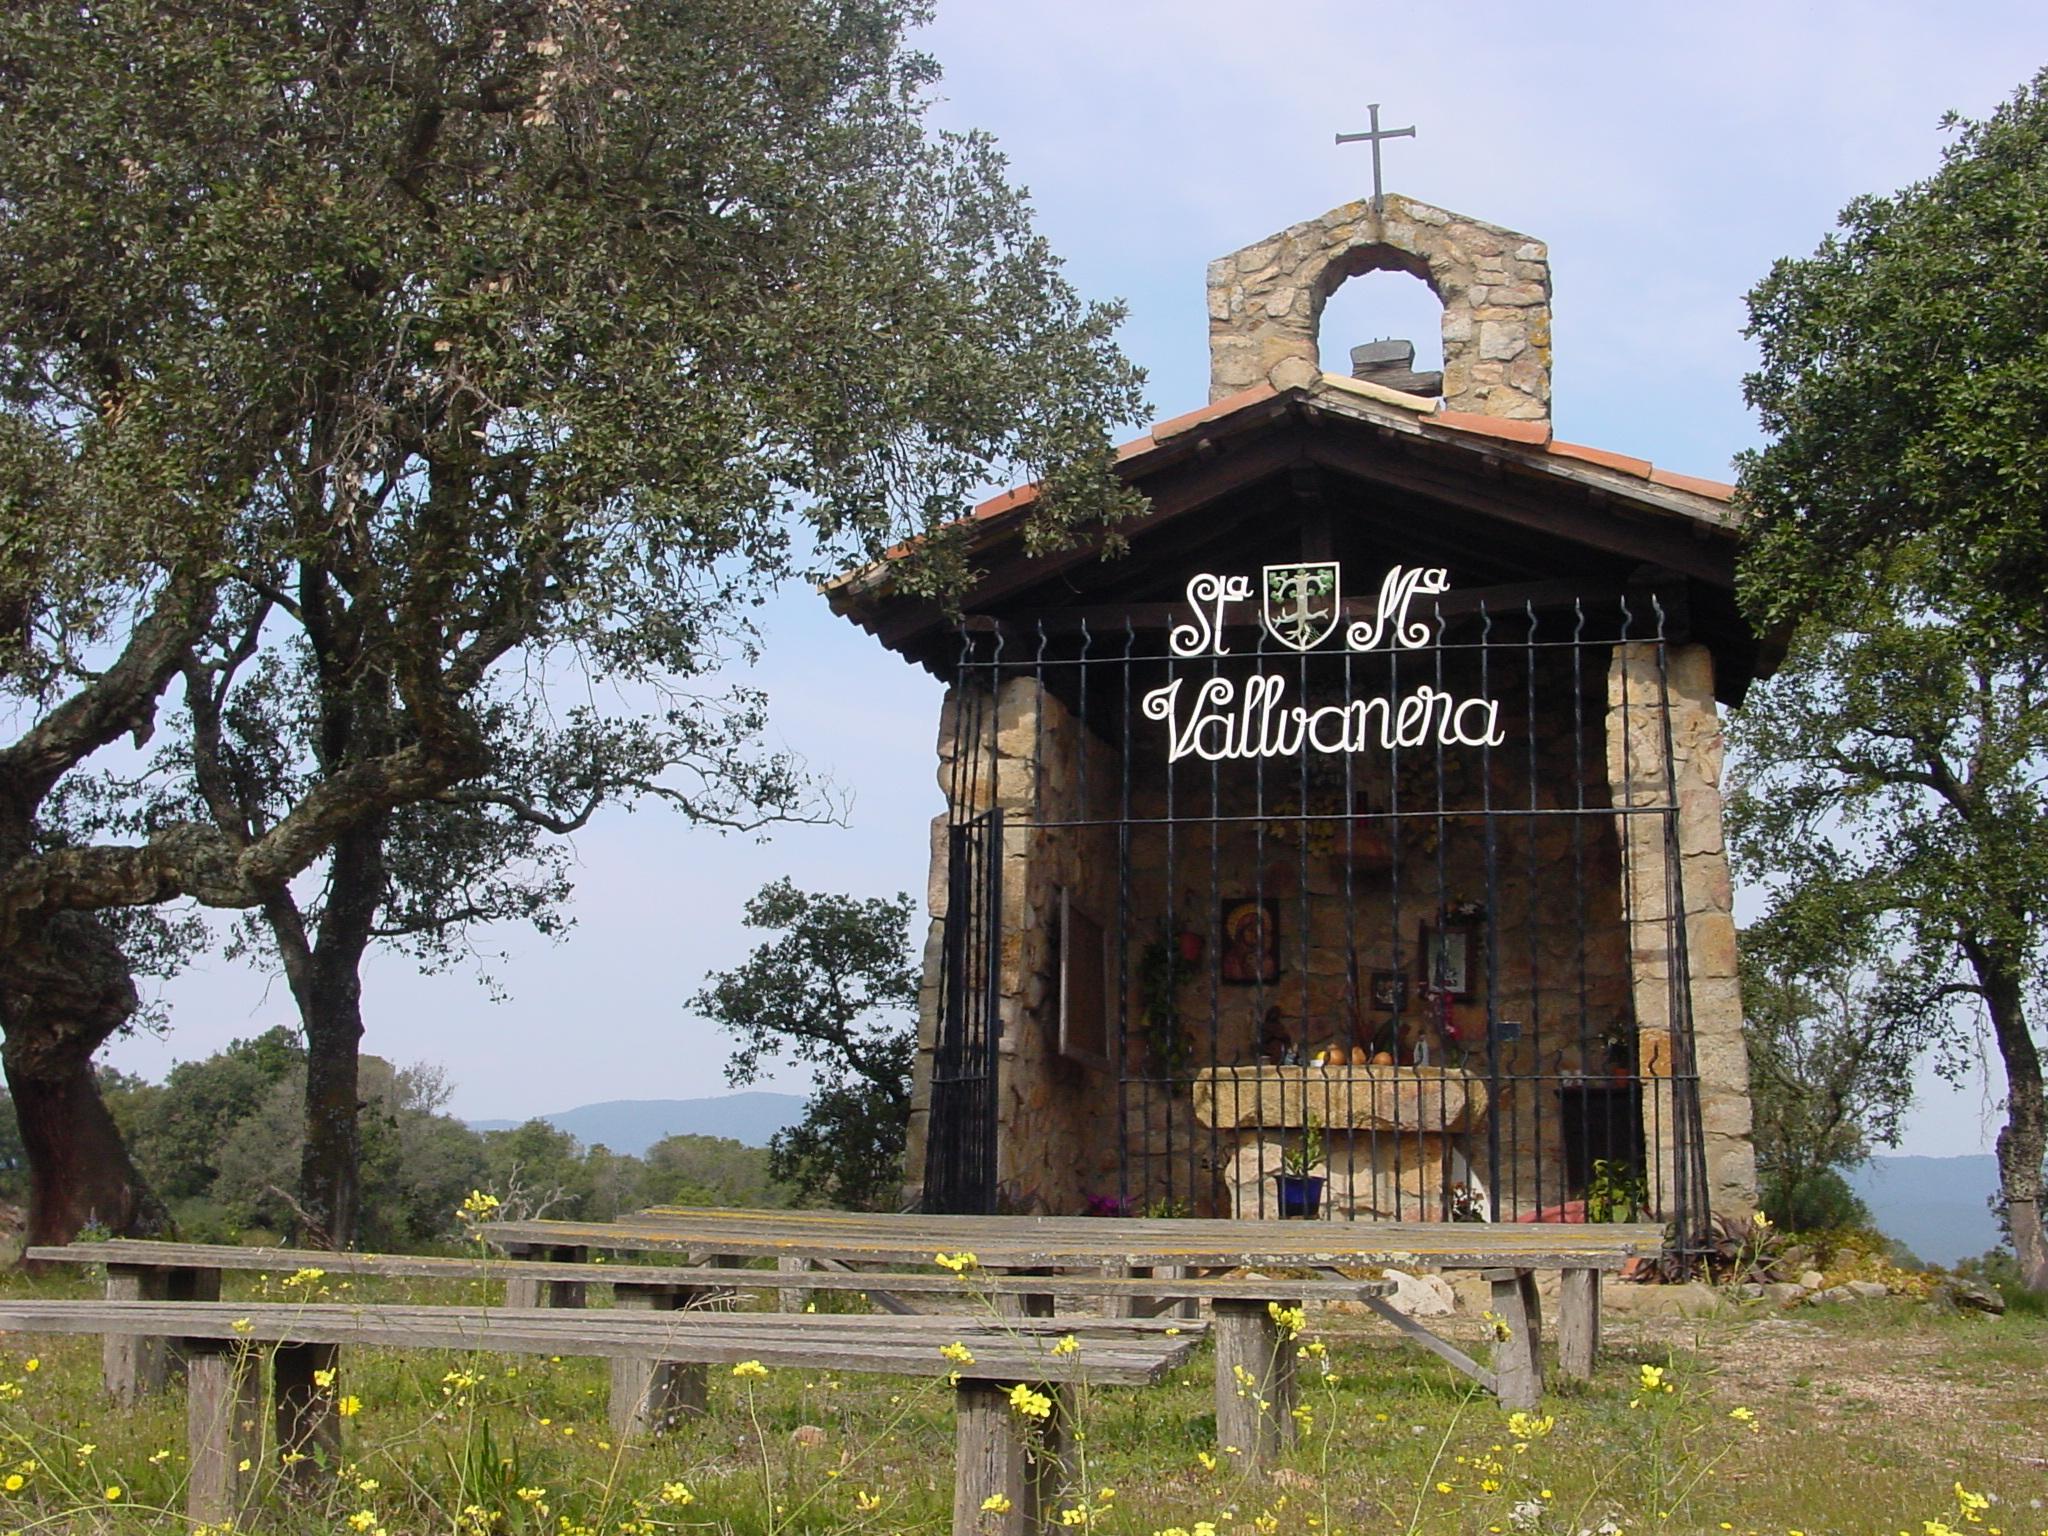 La nova capella de Santa Maria de Vallvanera es construí al 1966 per substituir la vella que s'havia convertit en part d'un habitatge privat. La nova és una petita construcció de pedra amb la imatge de la verge, a la part frontal de la capella hi ha una reixa de ferro amb el nom del lloc. A la part de darrera del teulat s'hi ha construit un petit campanar d'espadanya amb una campana. L'entorn és natural com ho demostra la imatge amb les alzines sureres envoltant la capella i el prat del davant.